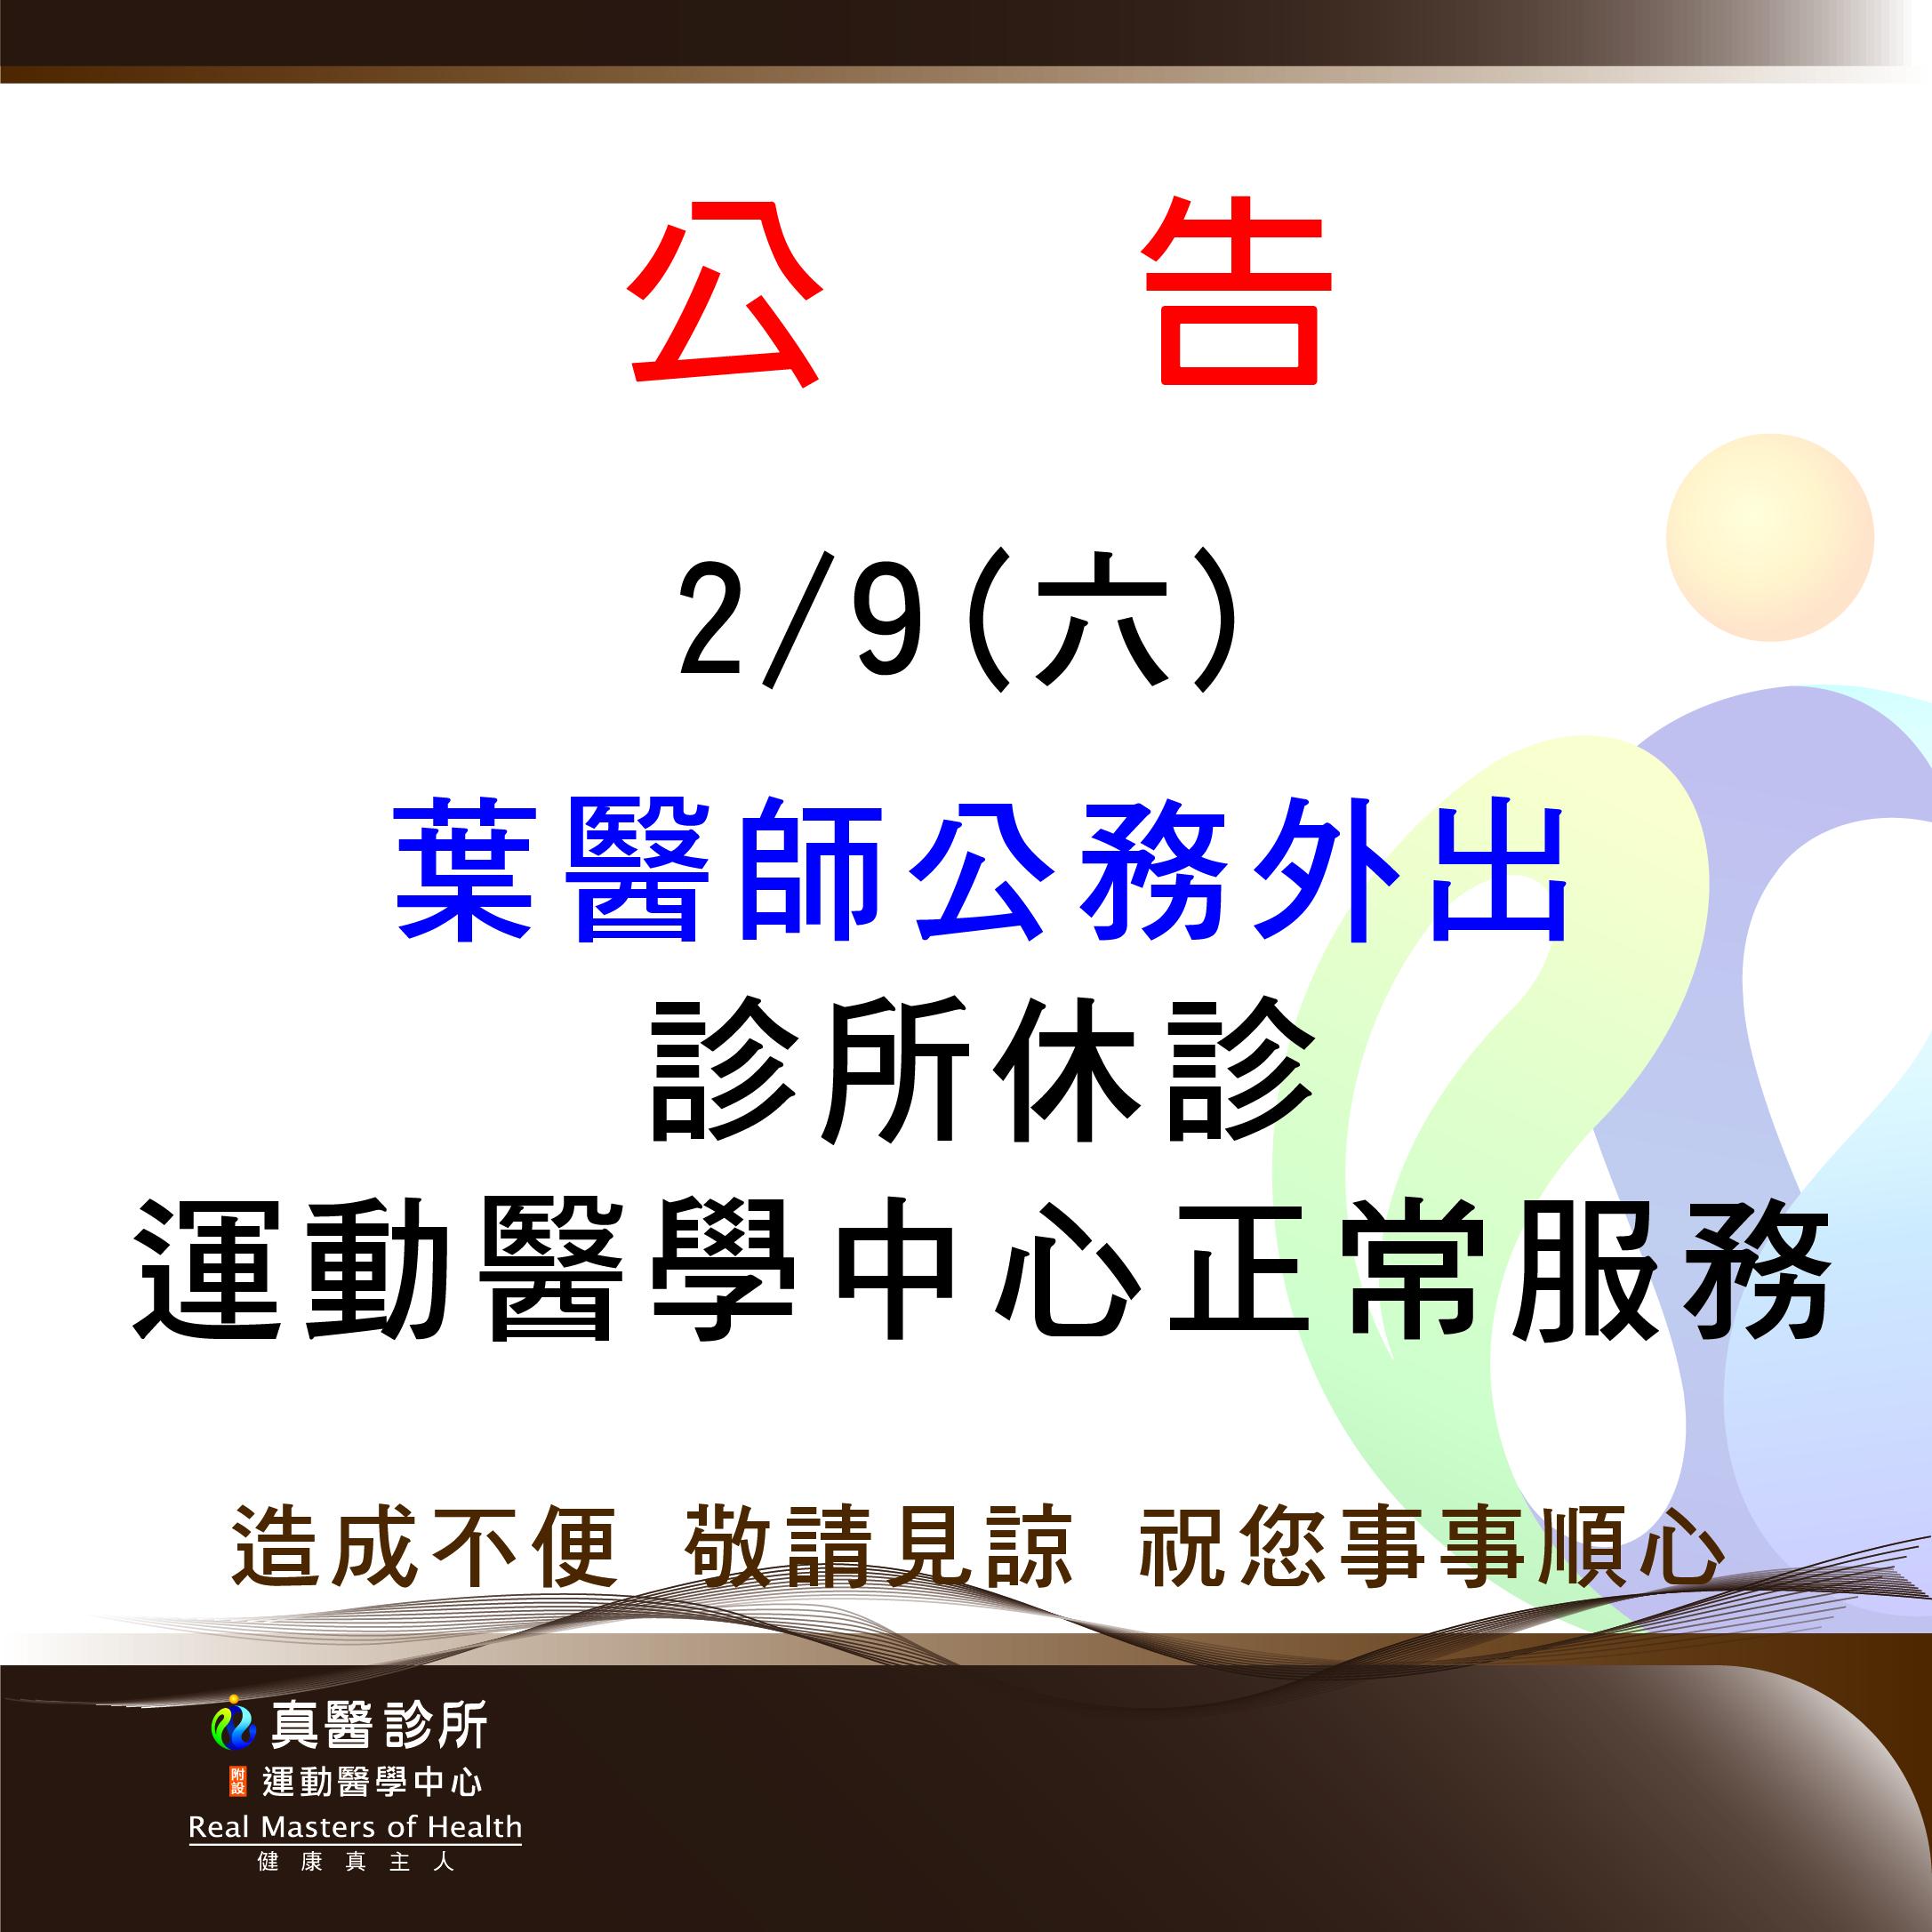 2/9(六)  葉醫師公務外出 診所休診 運動醫學中心正常服務